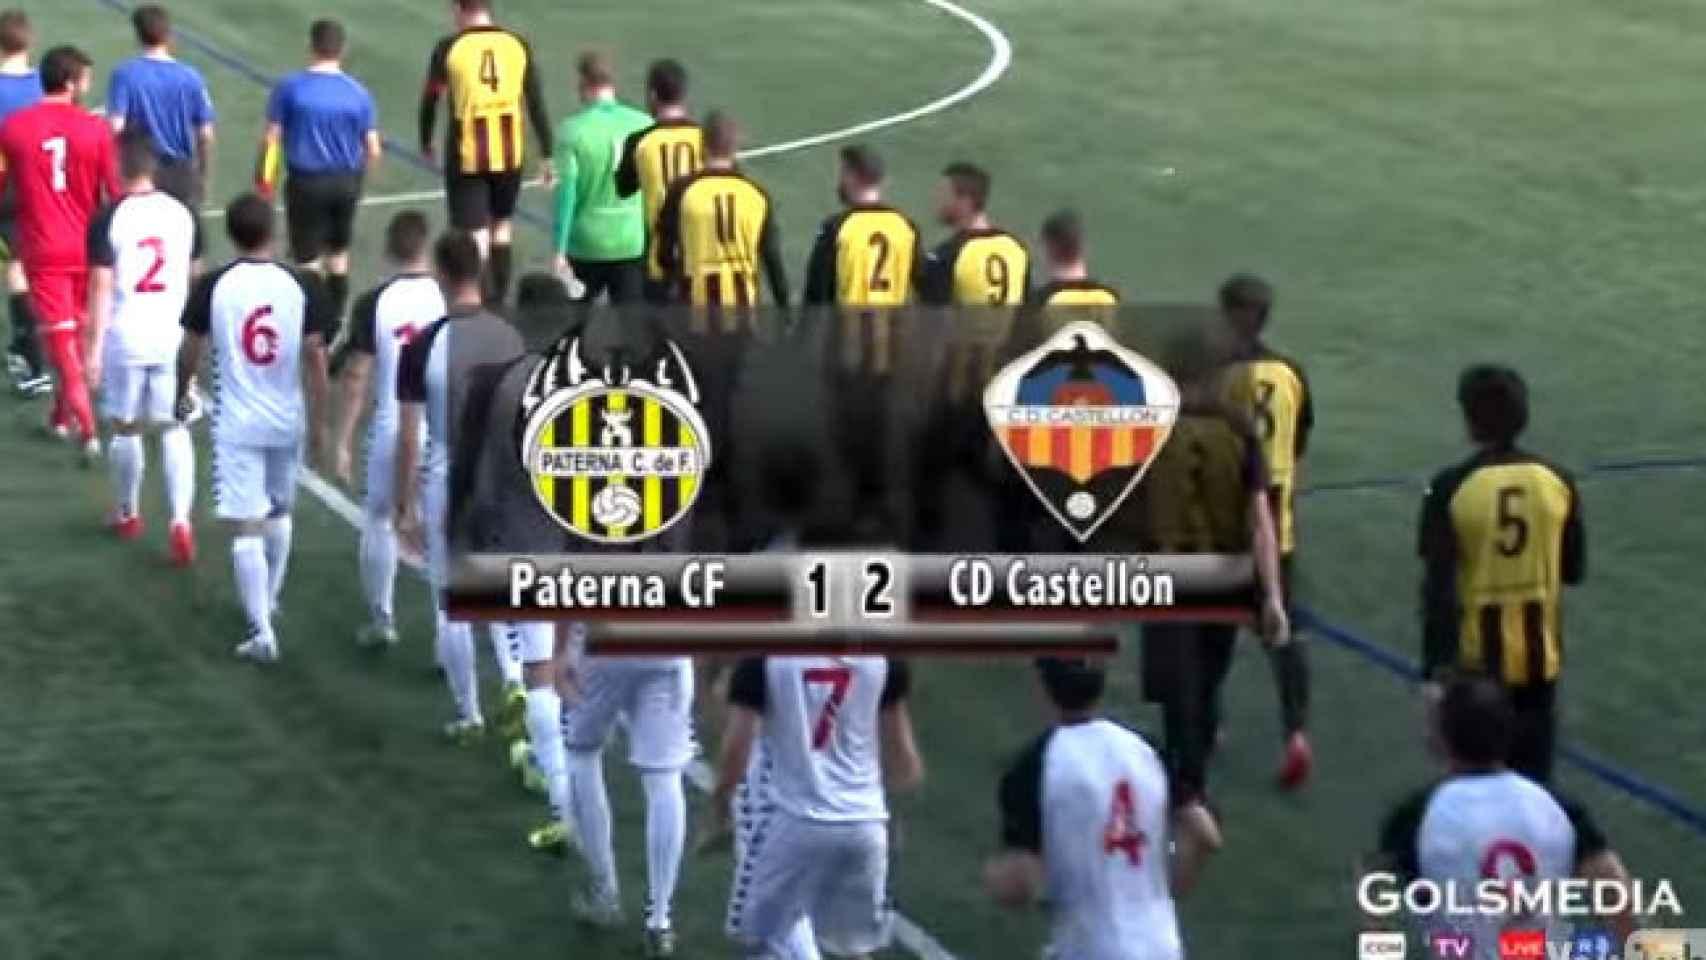 Imagen del partido Paterna CF contra el CD Castellón, celebrado en diciembre de 2015.